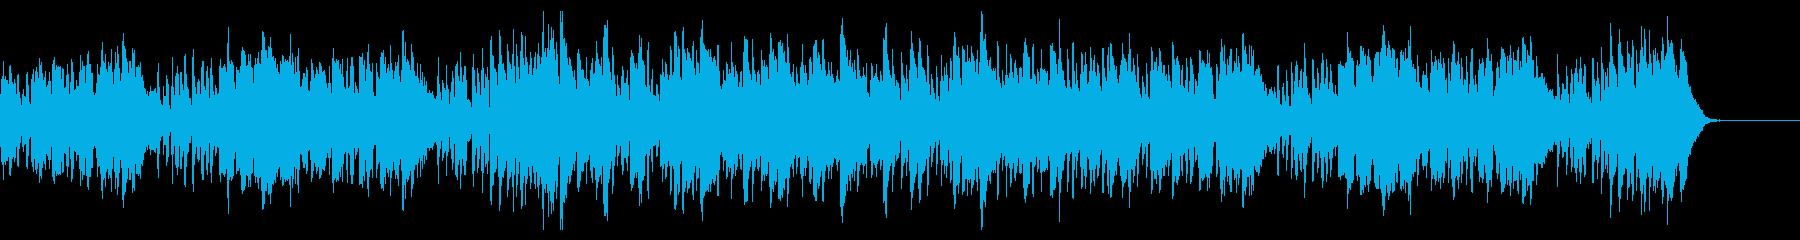 Youtube・セクシーな夏の海・ジャズの再生済みの波形